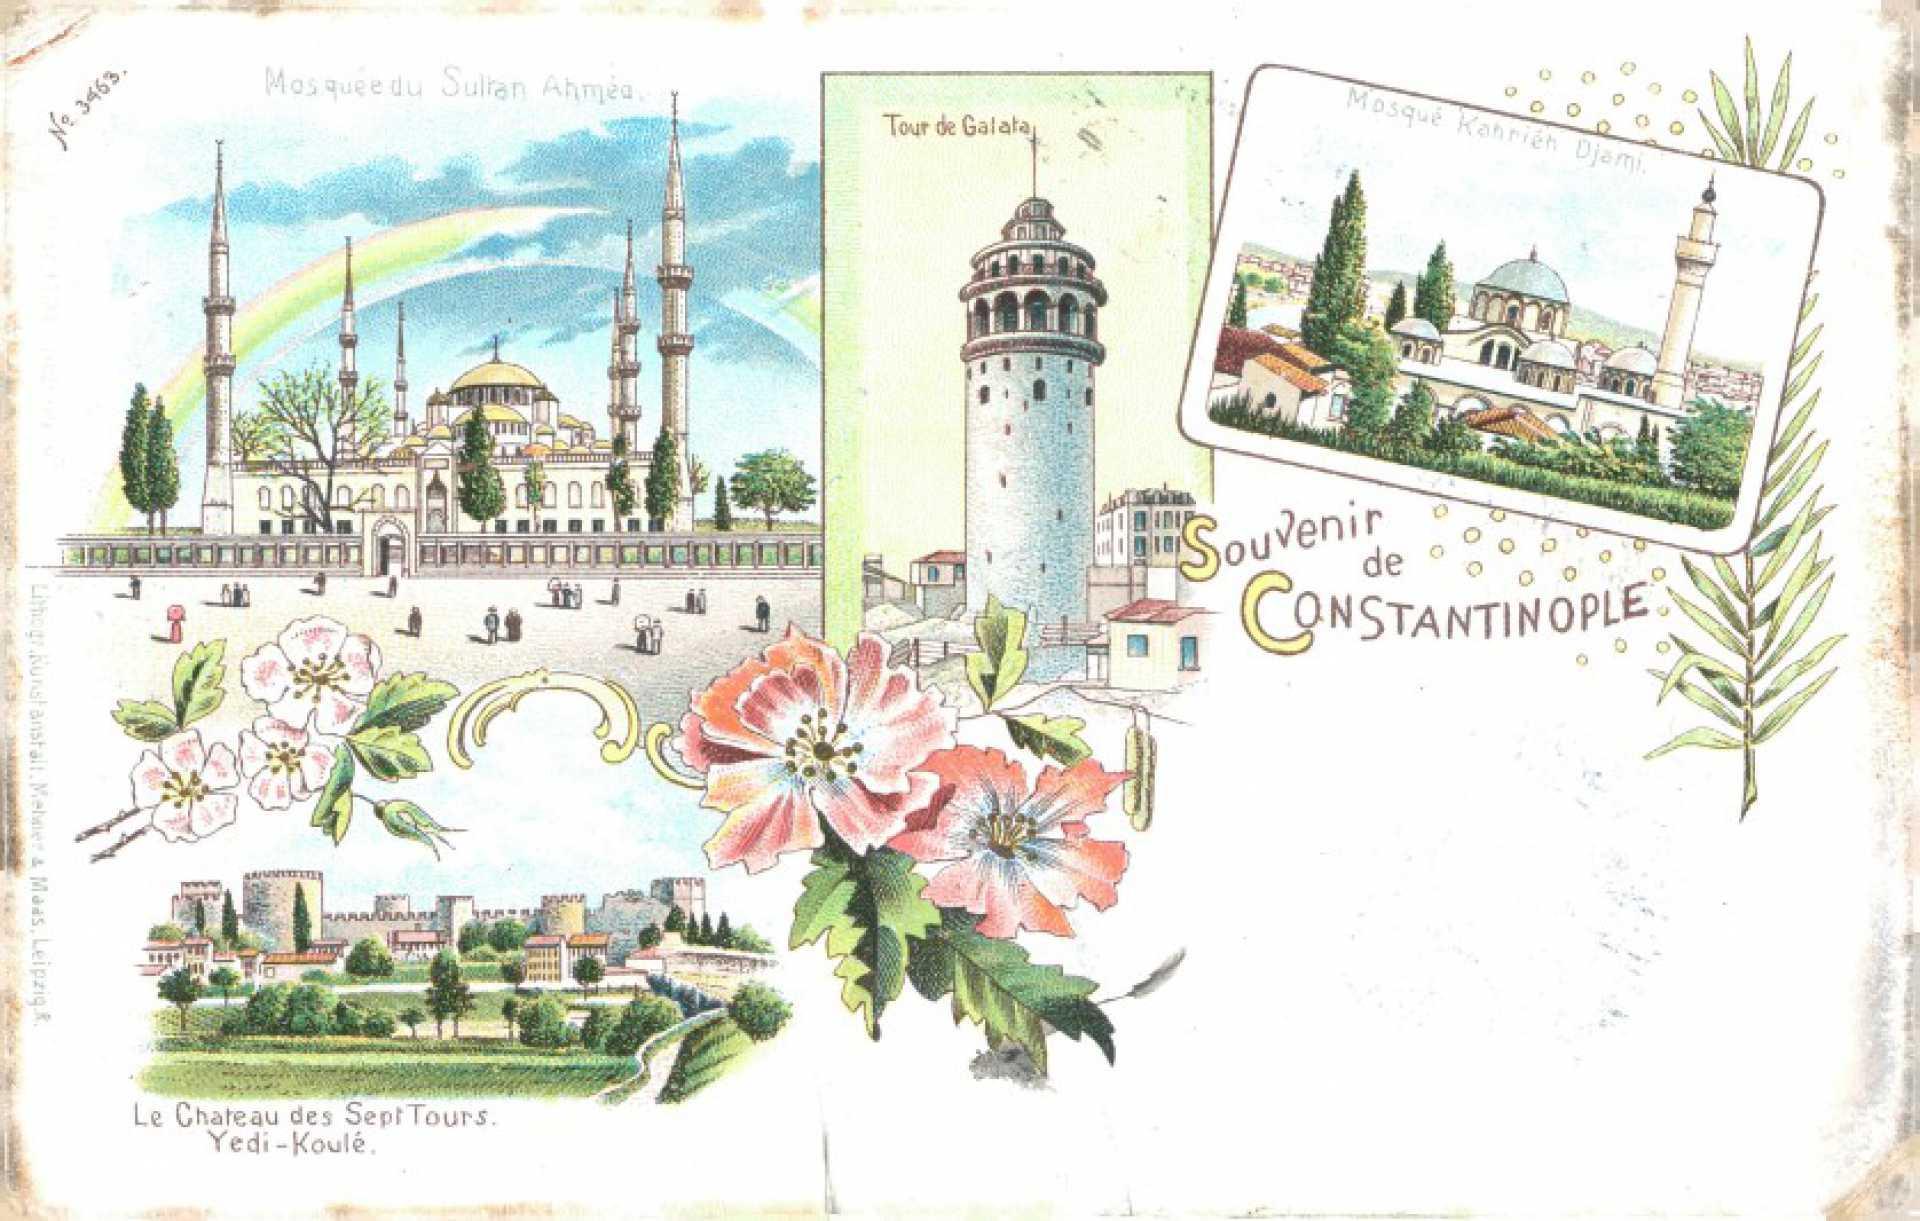 Mosquee Sultan Ahmed. Tour de Galata. Mosquee Kahrieh Djami